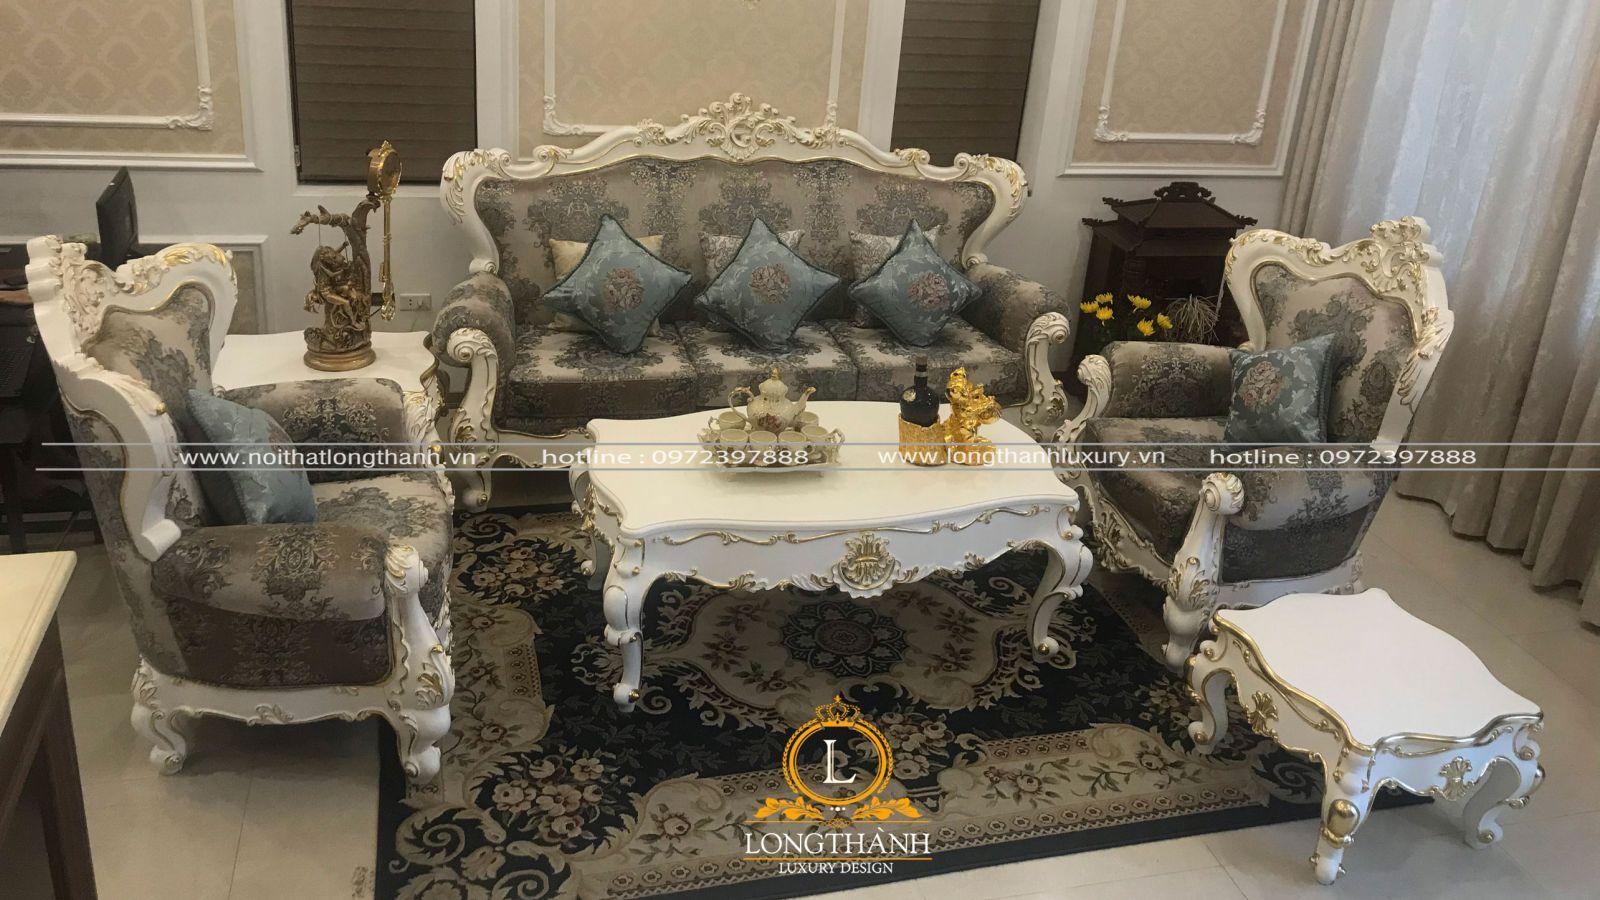 Bộ sofa  tân cổ điển được sử dụng chất liệu nỉ cao cấp